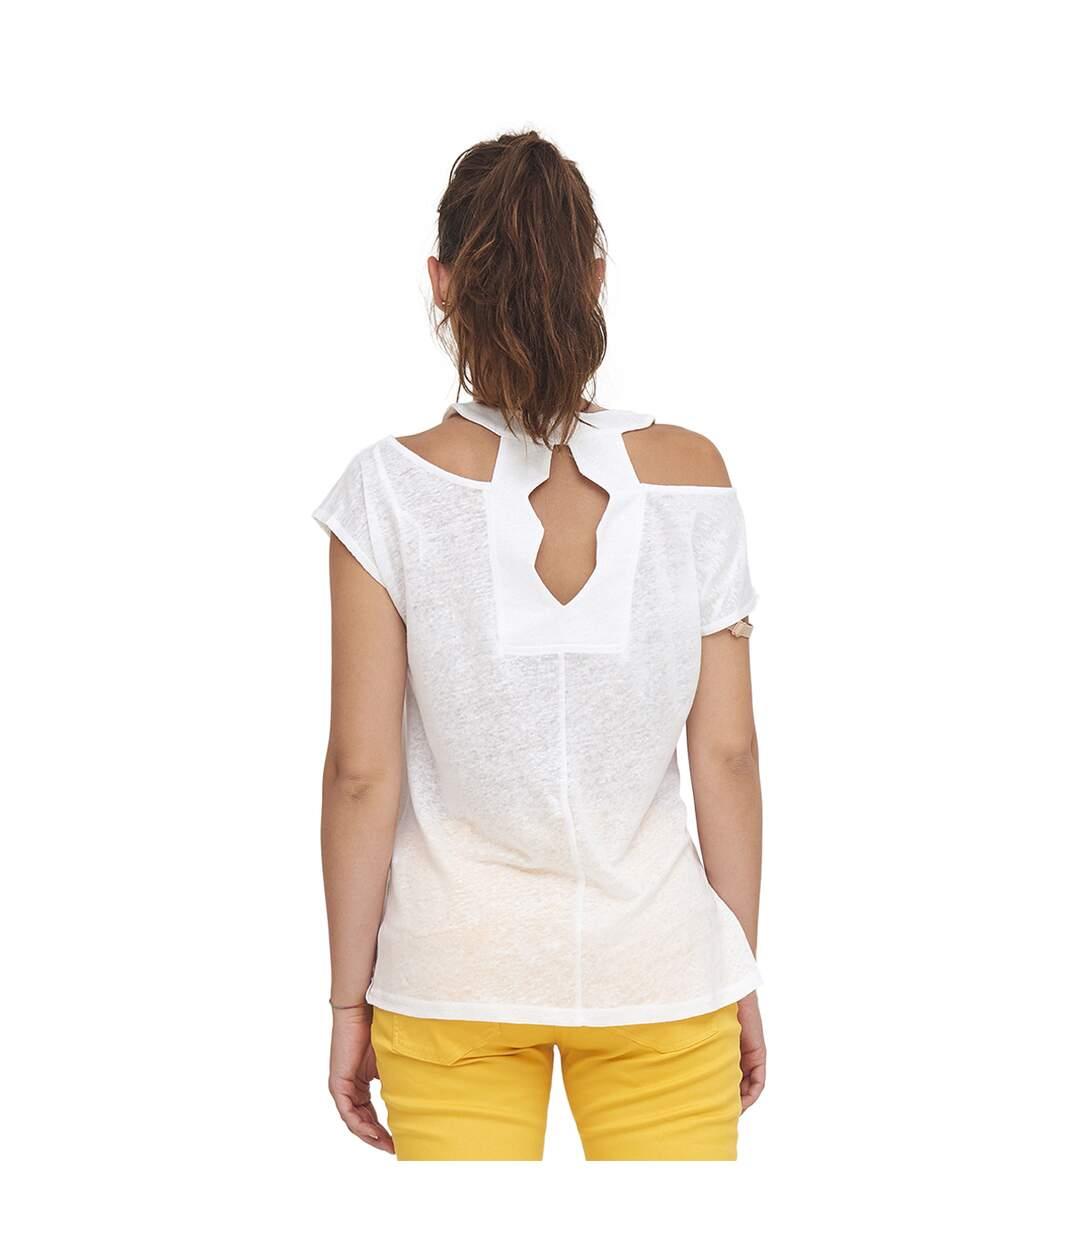 Dégagement Mado et les Autres T-shirt à imprimé épaules dénudées  Femme dsf.d455nksdKLFHG